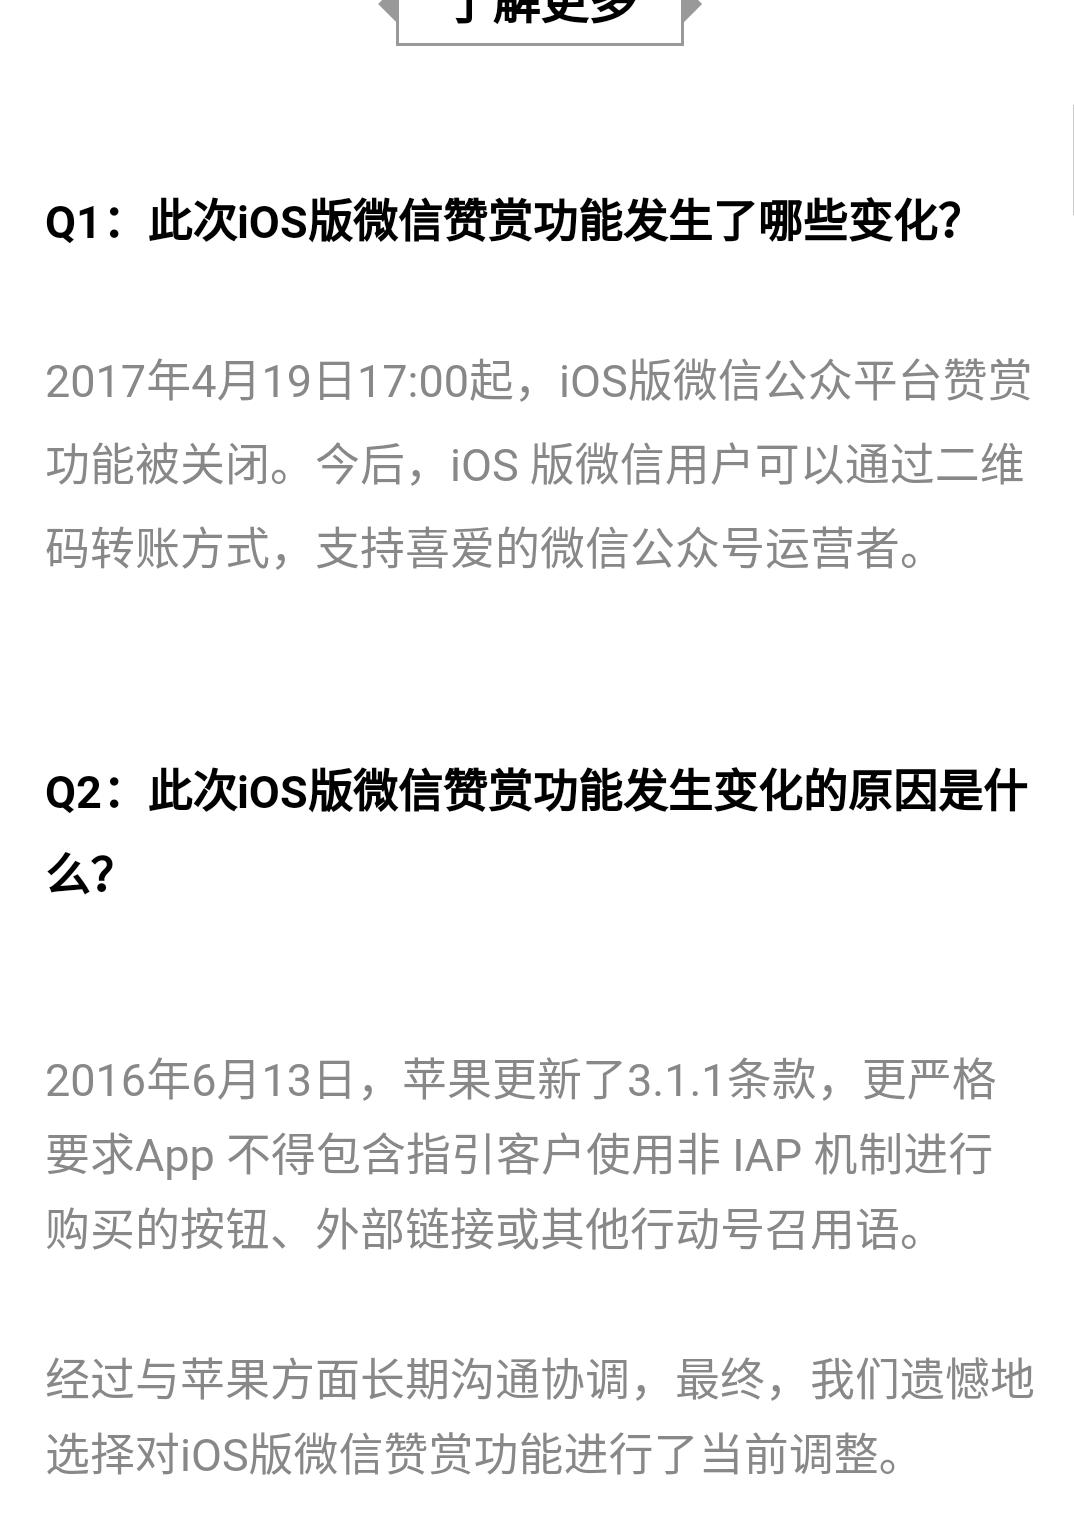 微信关闭iOS公号打赏功能 苹果:我的地盘我做主